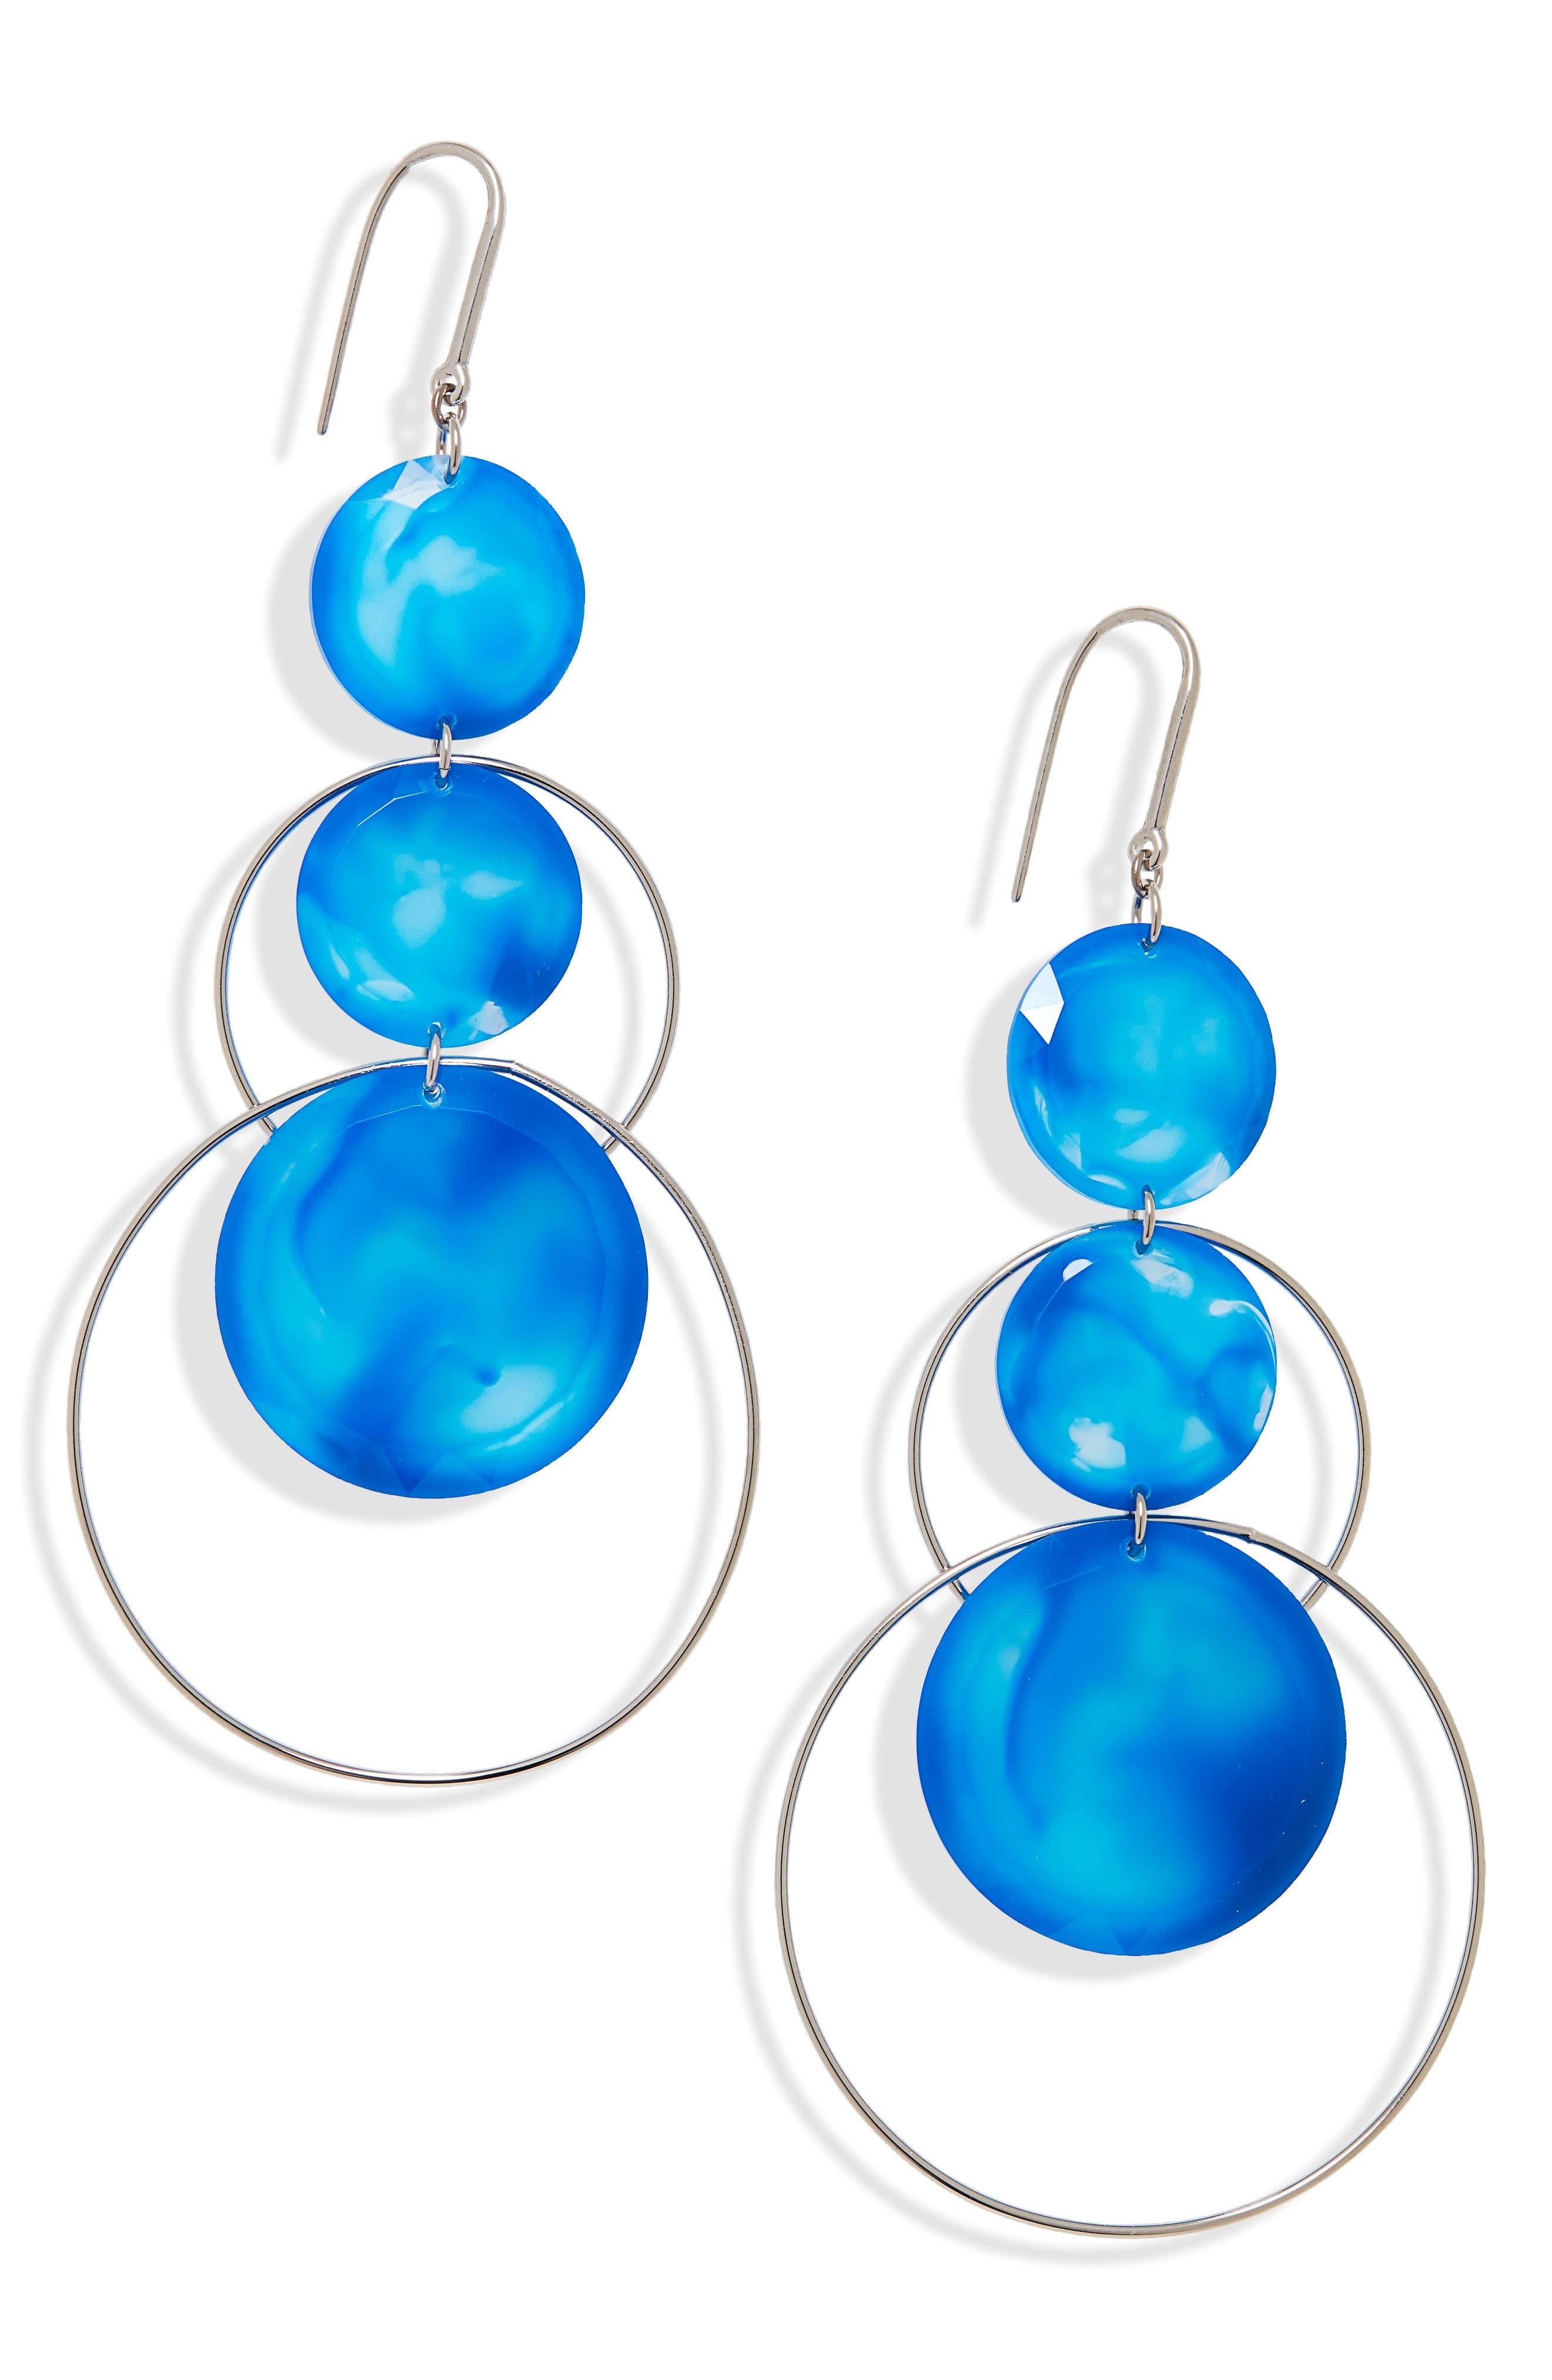 ISABEL MARANT, Harlem Circle Drop Earrings, Main thumbnail 1, color, BLUE